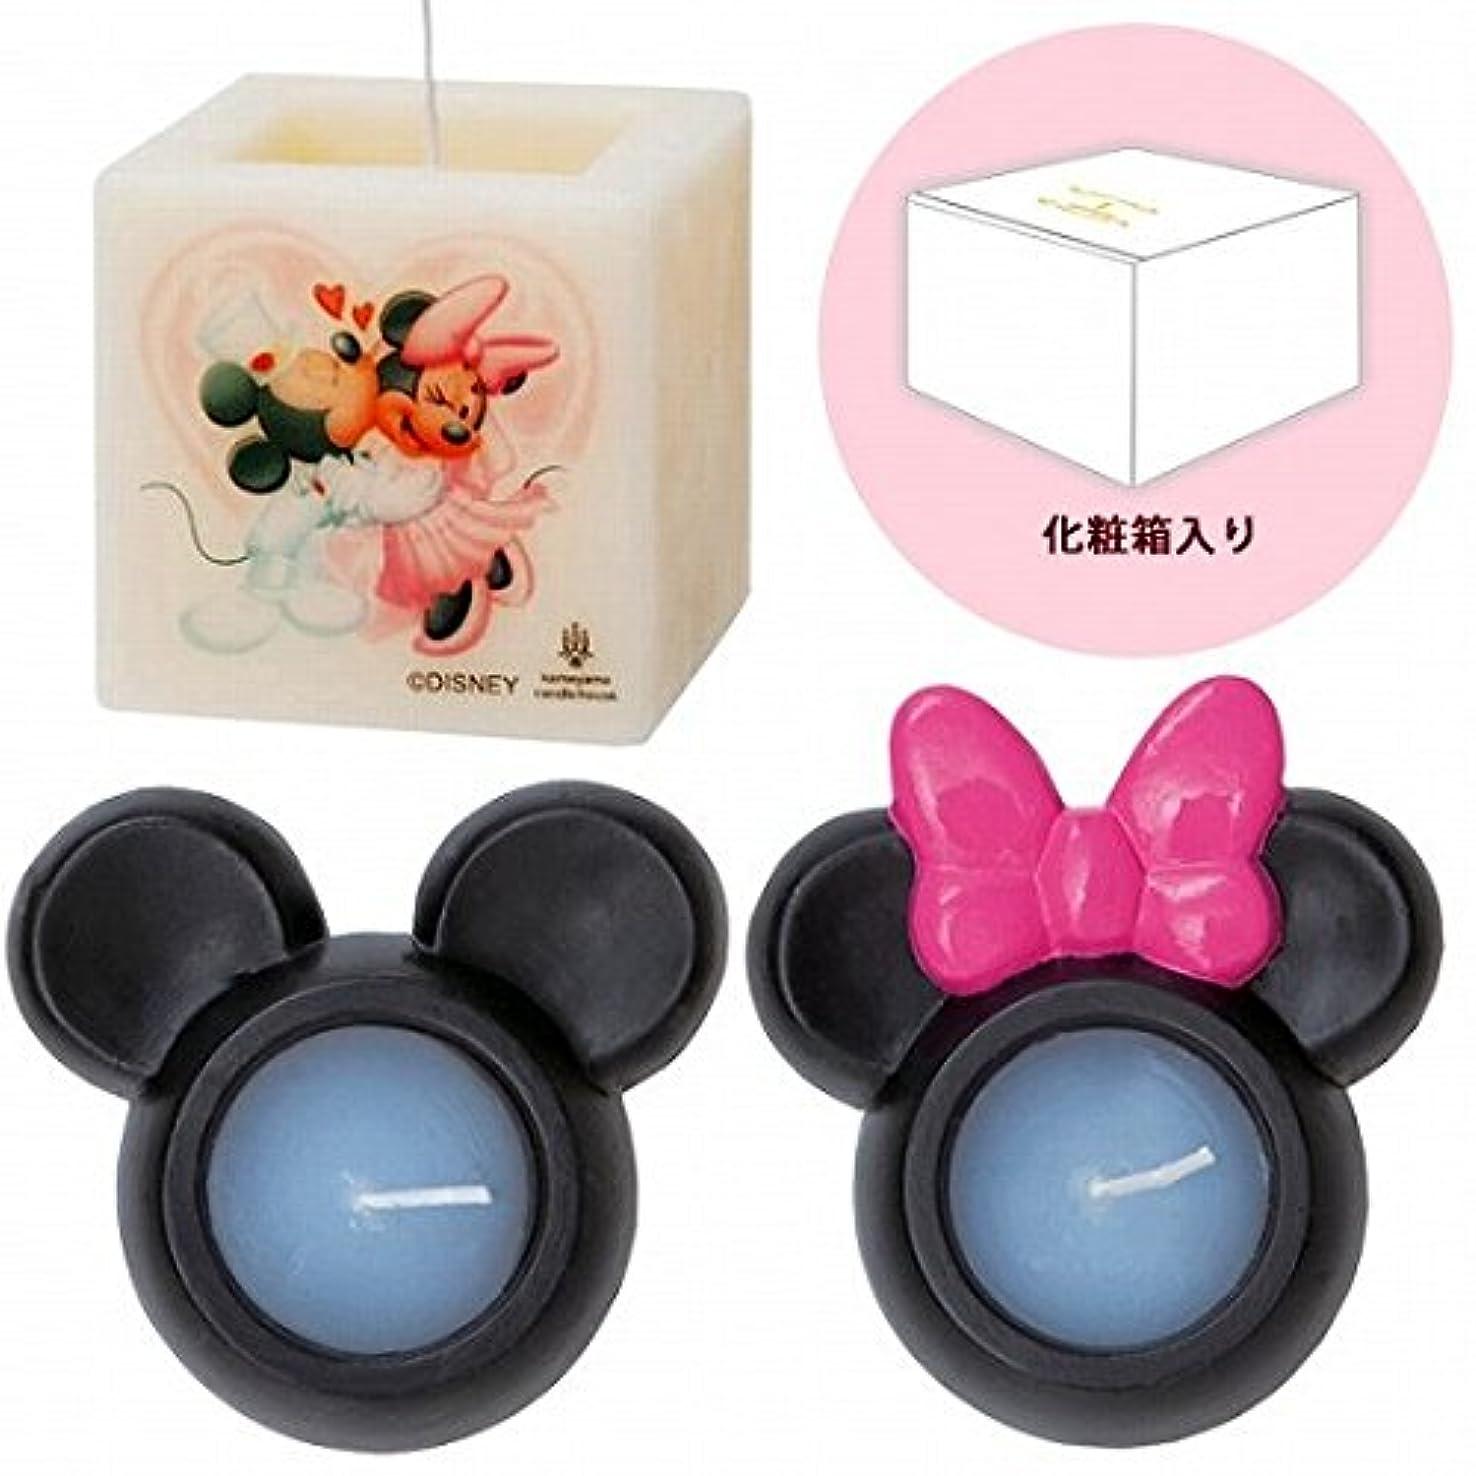 五十貯水池付添人kameyama candle(カメヤマキャンドル) ミッキー&ミニーキャンドルセットM キャンドル 162x162x95mm (A7681002)